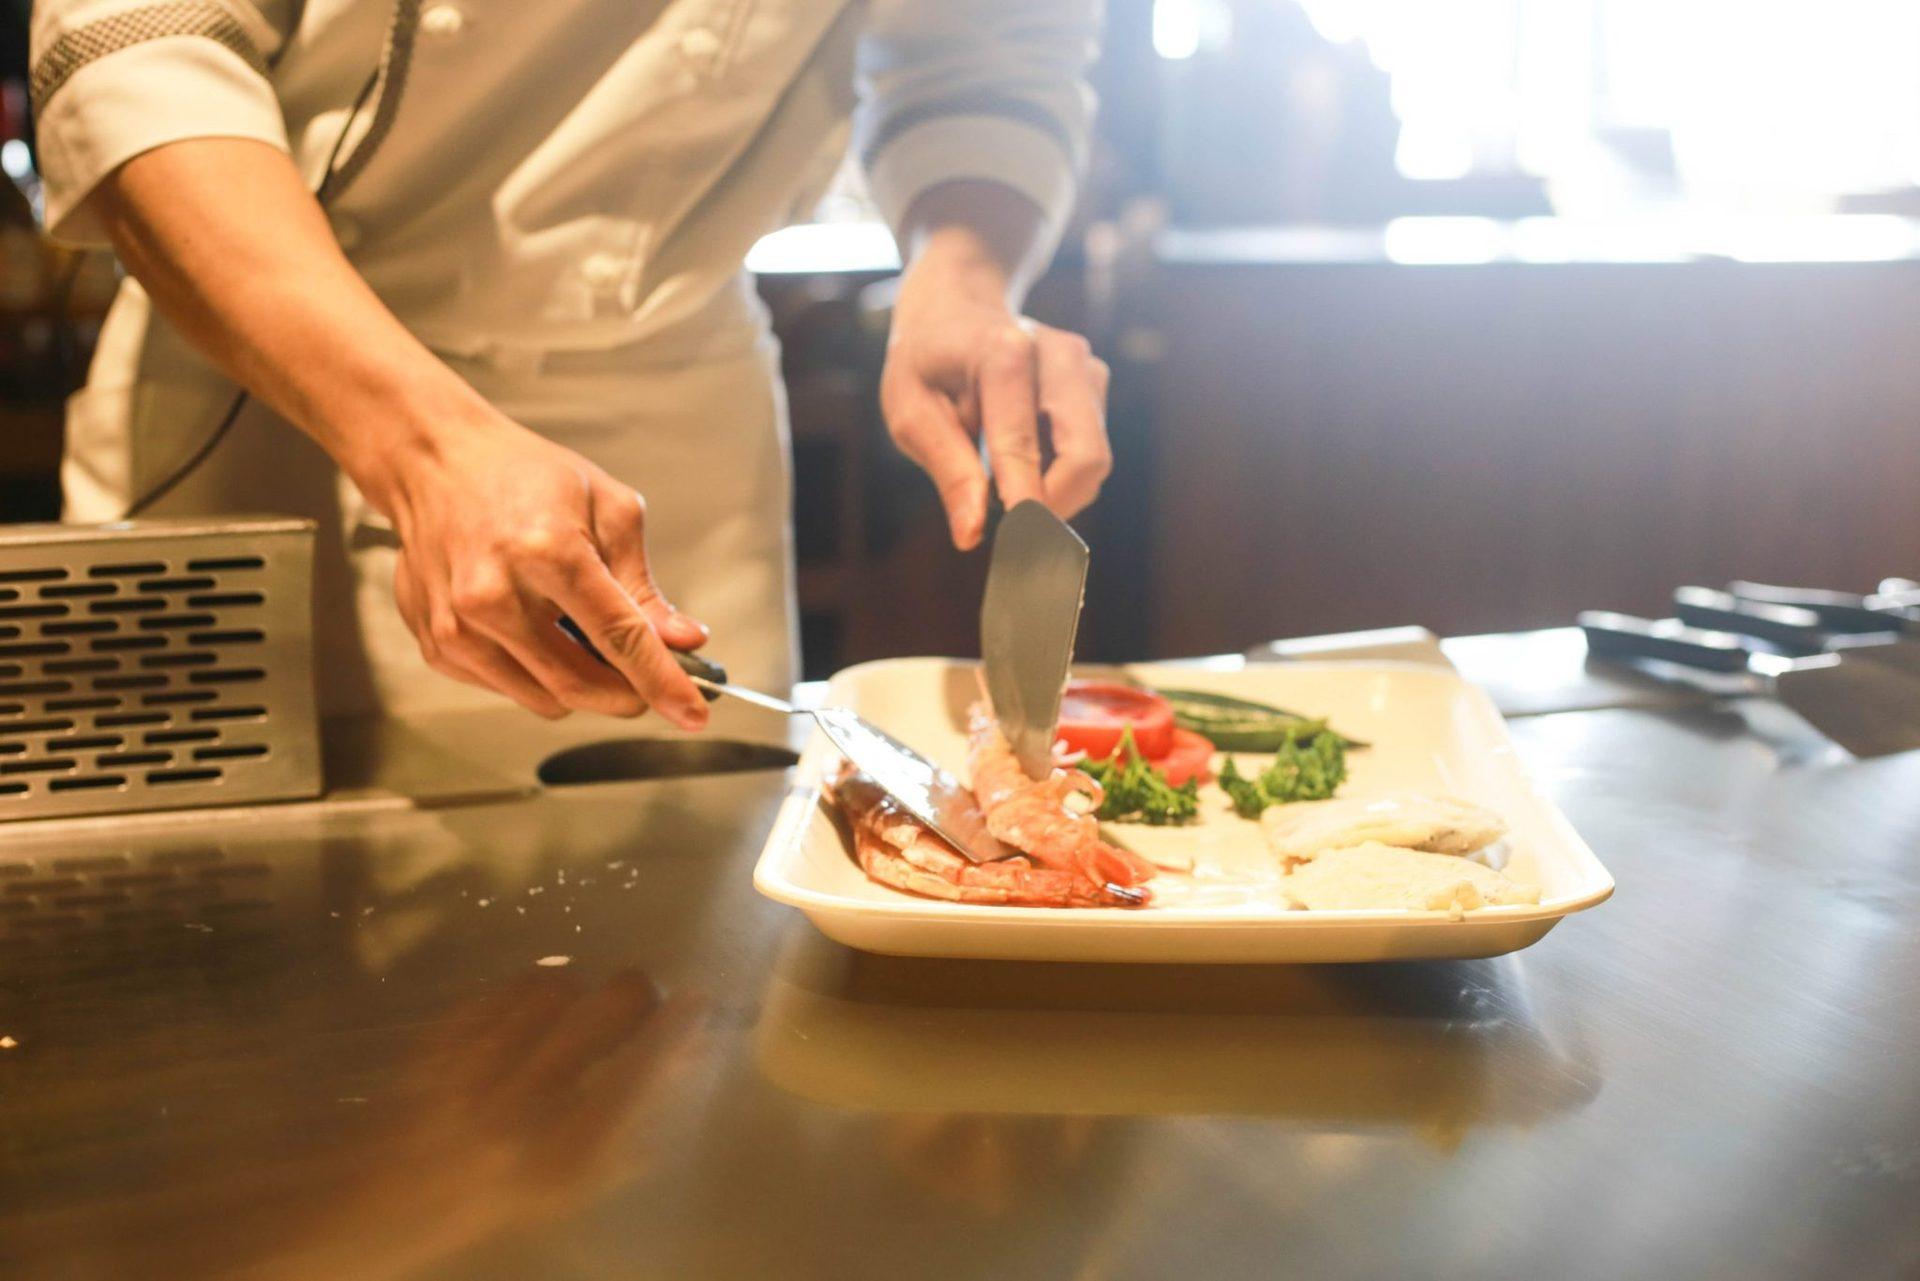 Завтрак, обед и ужин в ресторанах со шведским столом и кулинарным шоу